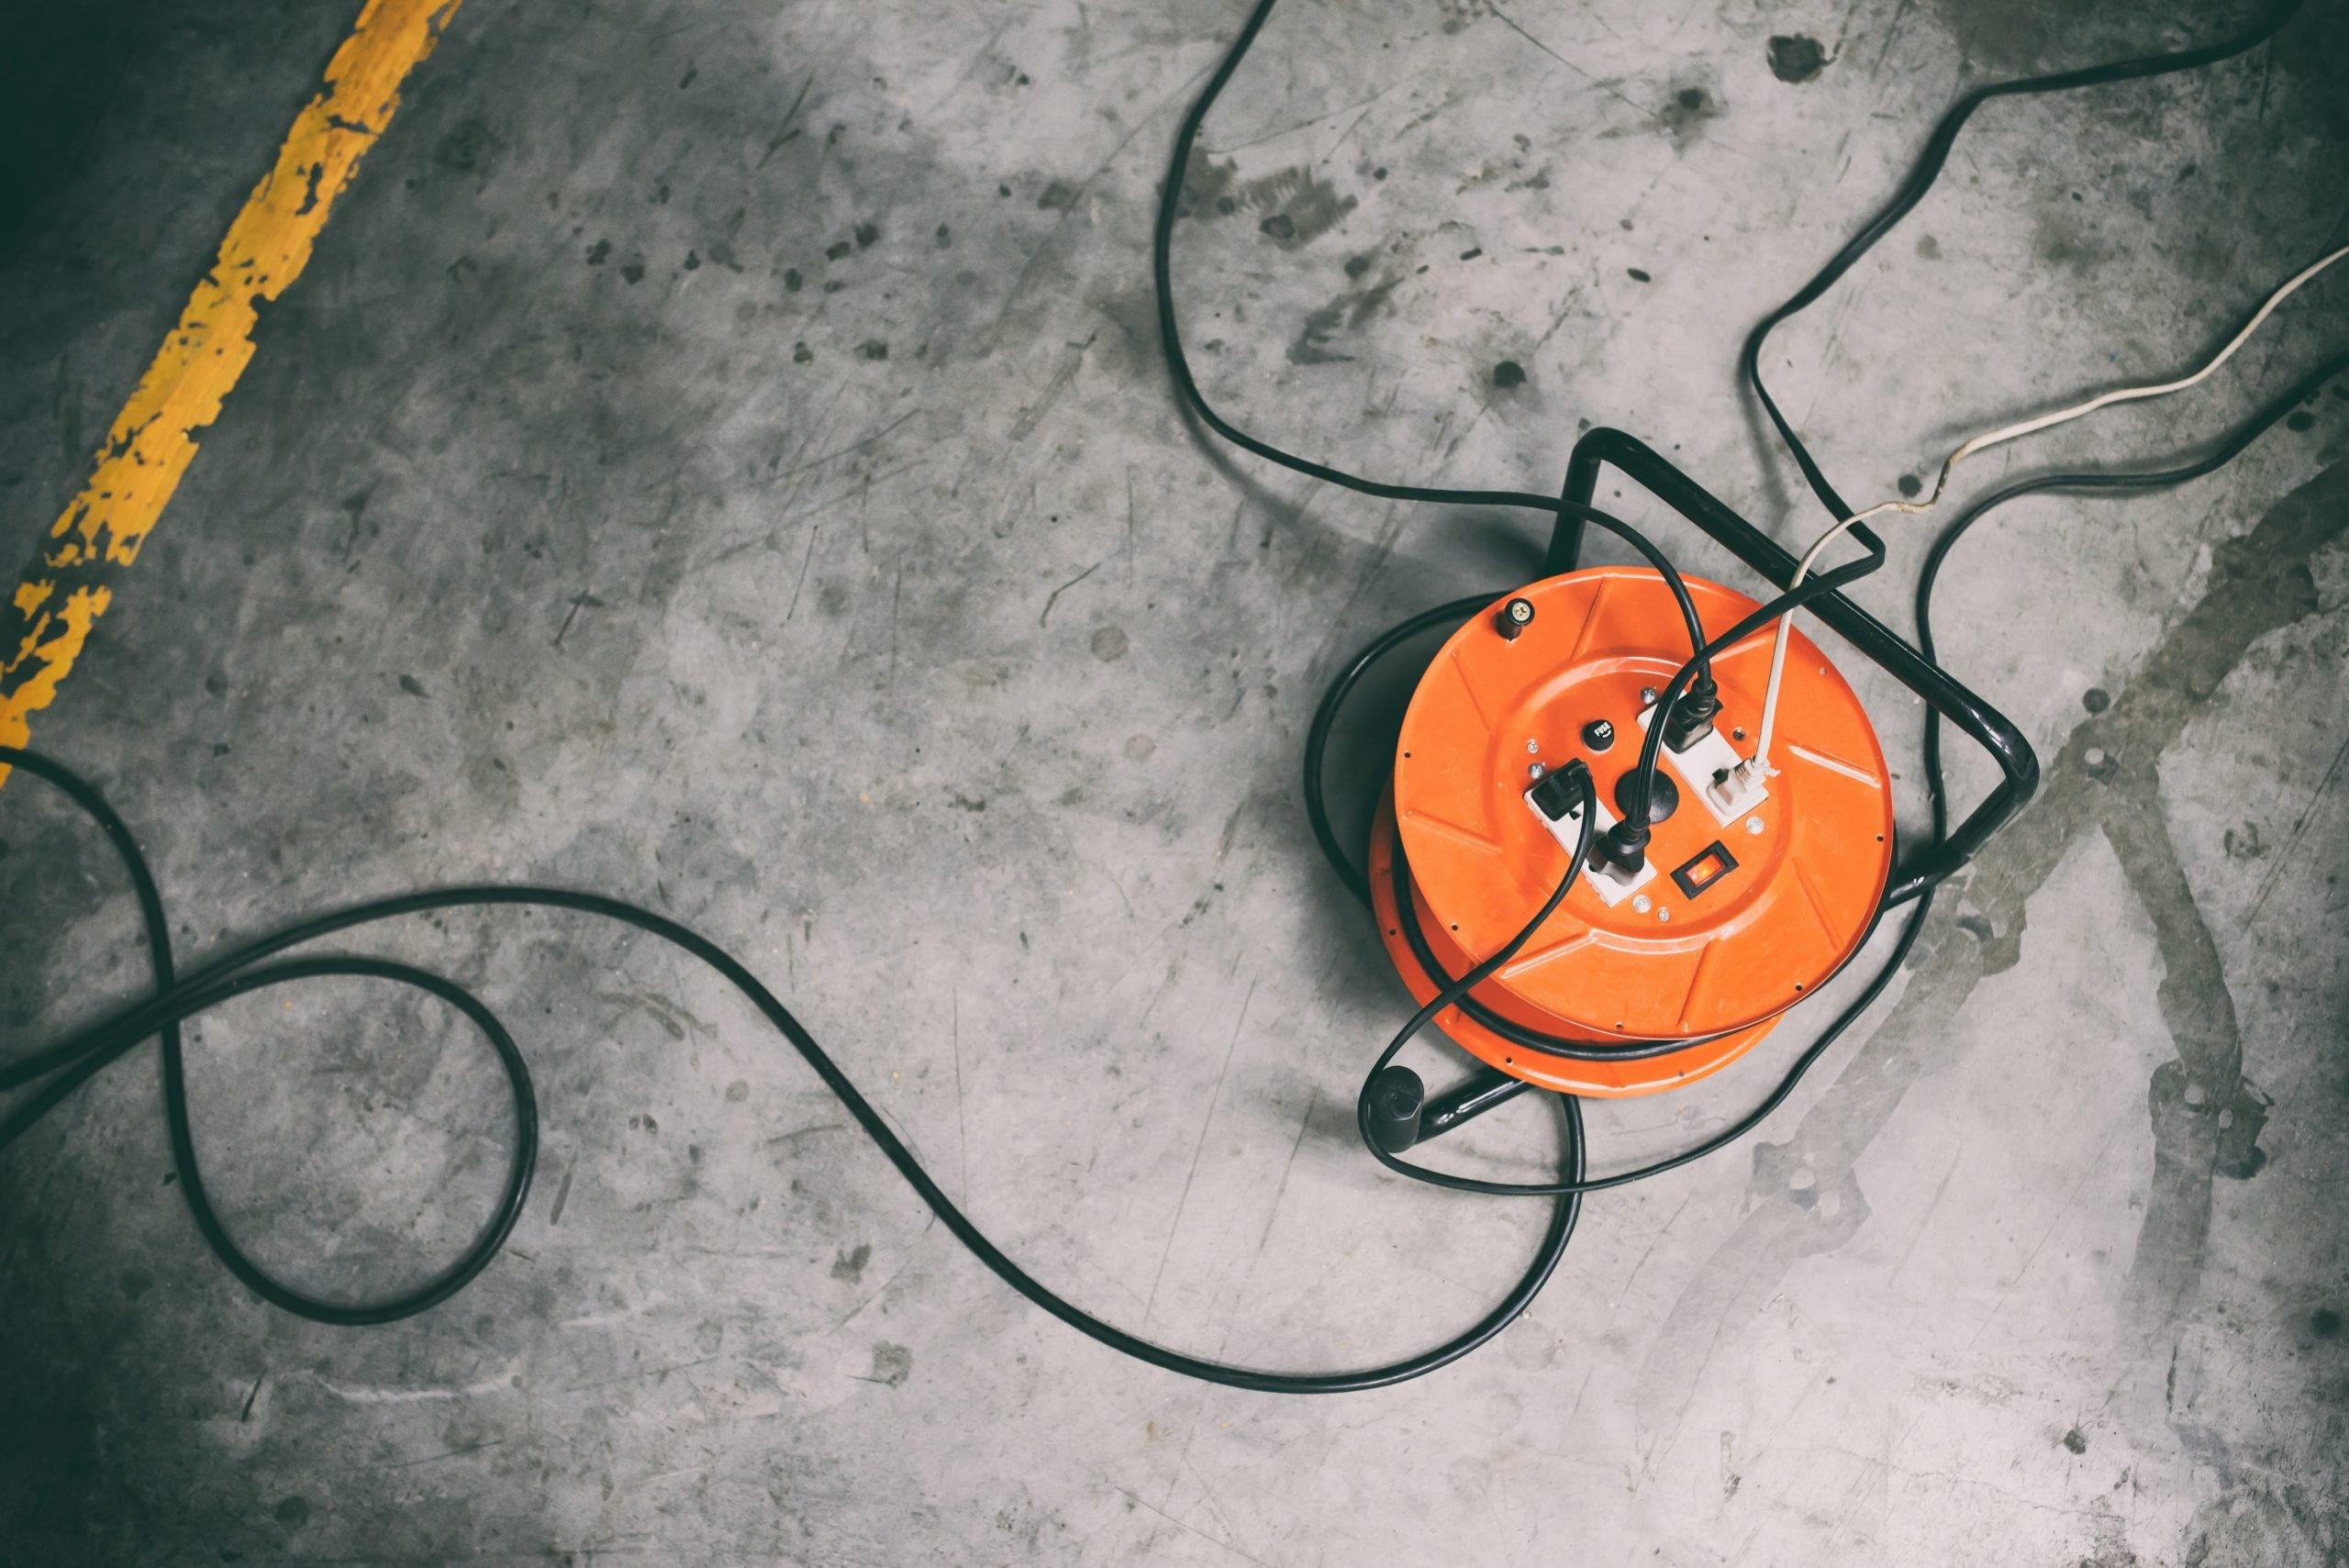 Przedłużacz bębnowy – niezbędny podczas remontu